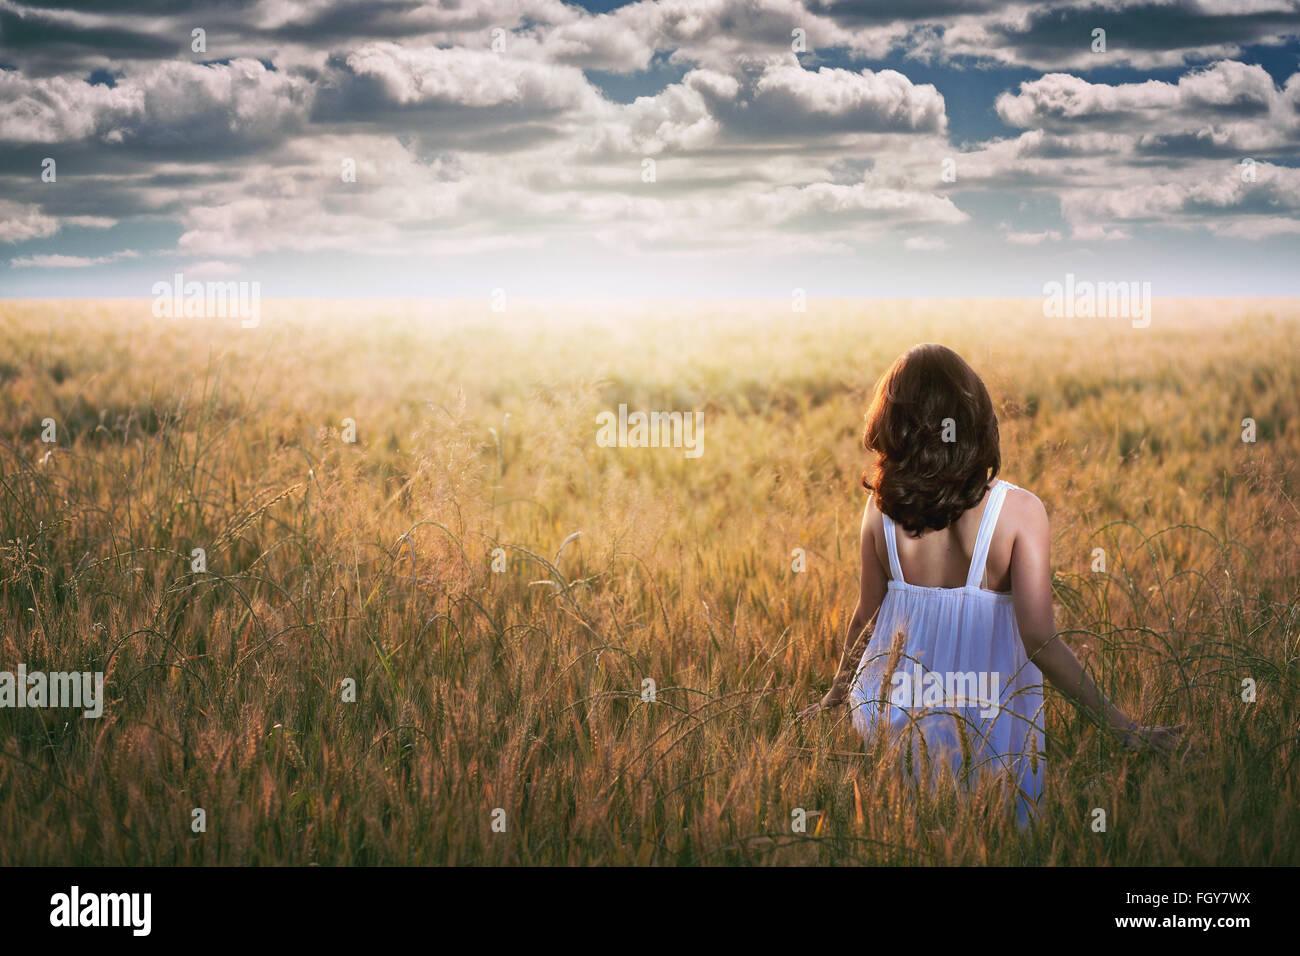 Mujer mirando un cielo espectacular en un campo de oro . Luz del atardecer Imagen De Stock